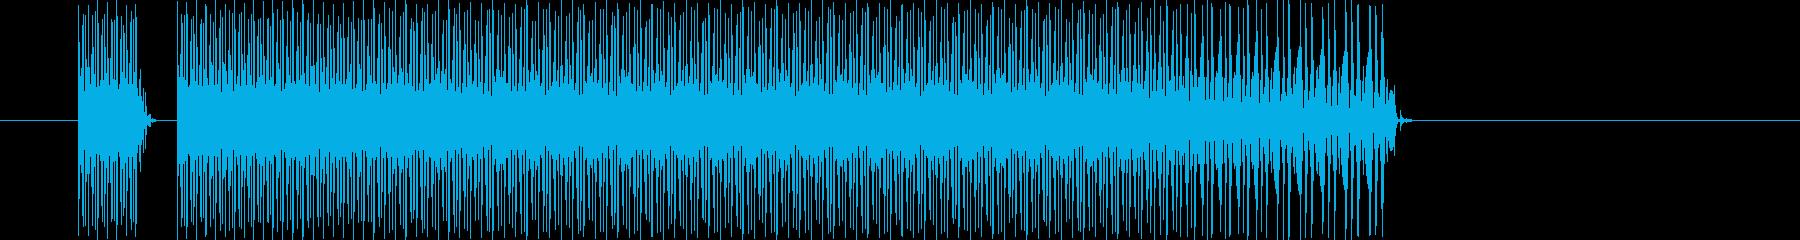 残念/失敗/負け/不正解~!な電子音①の再生済みの波形